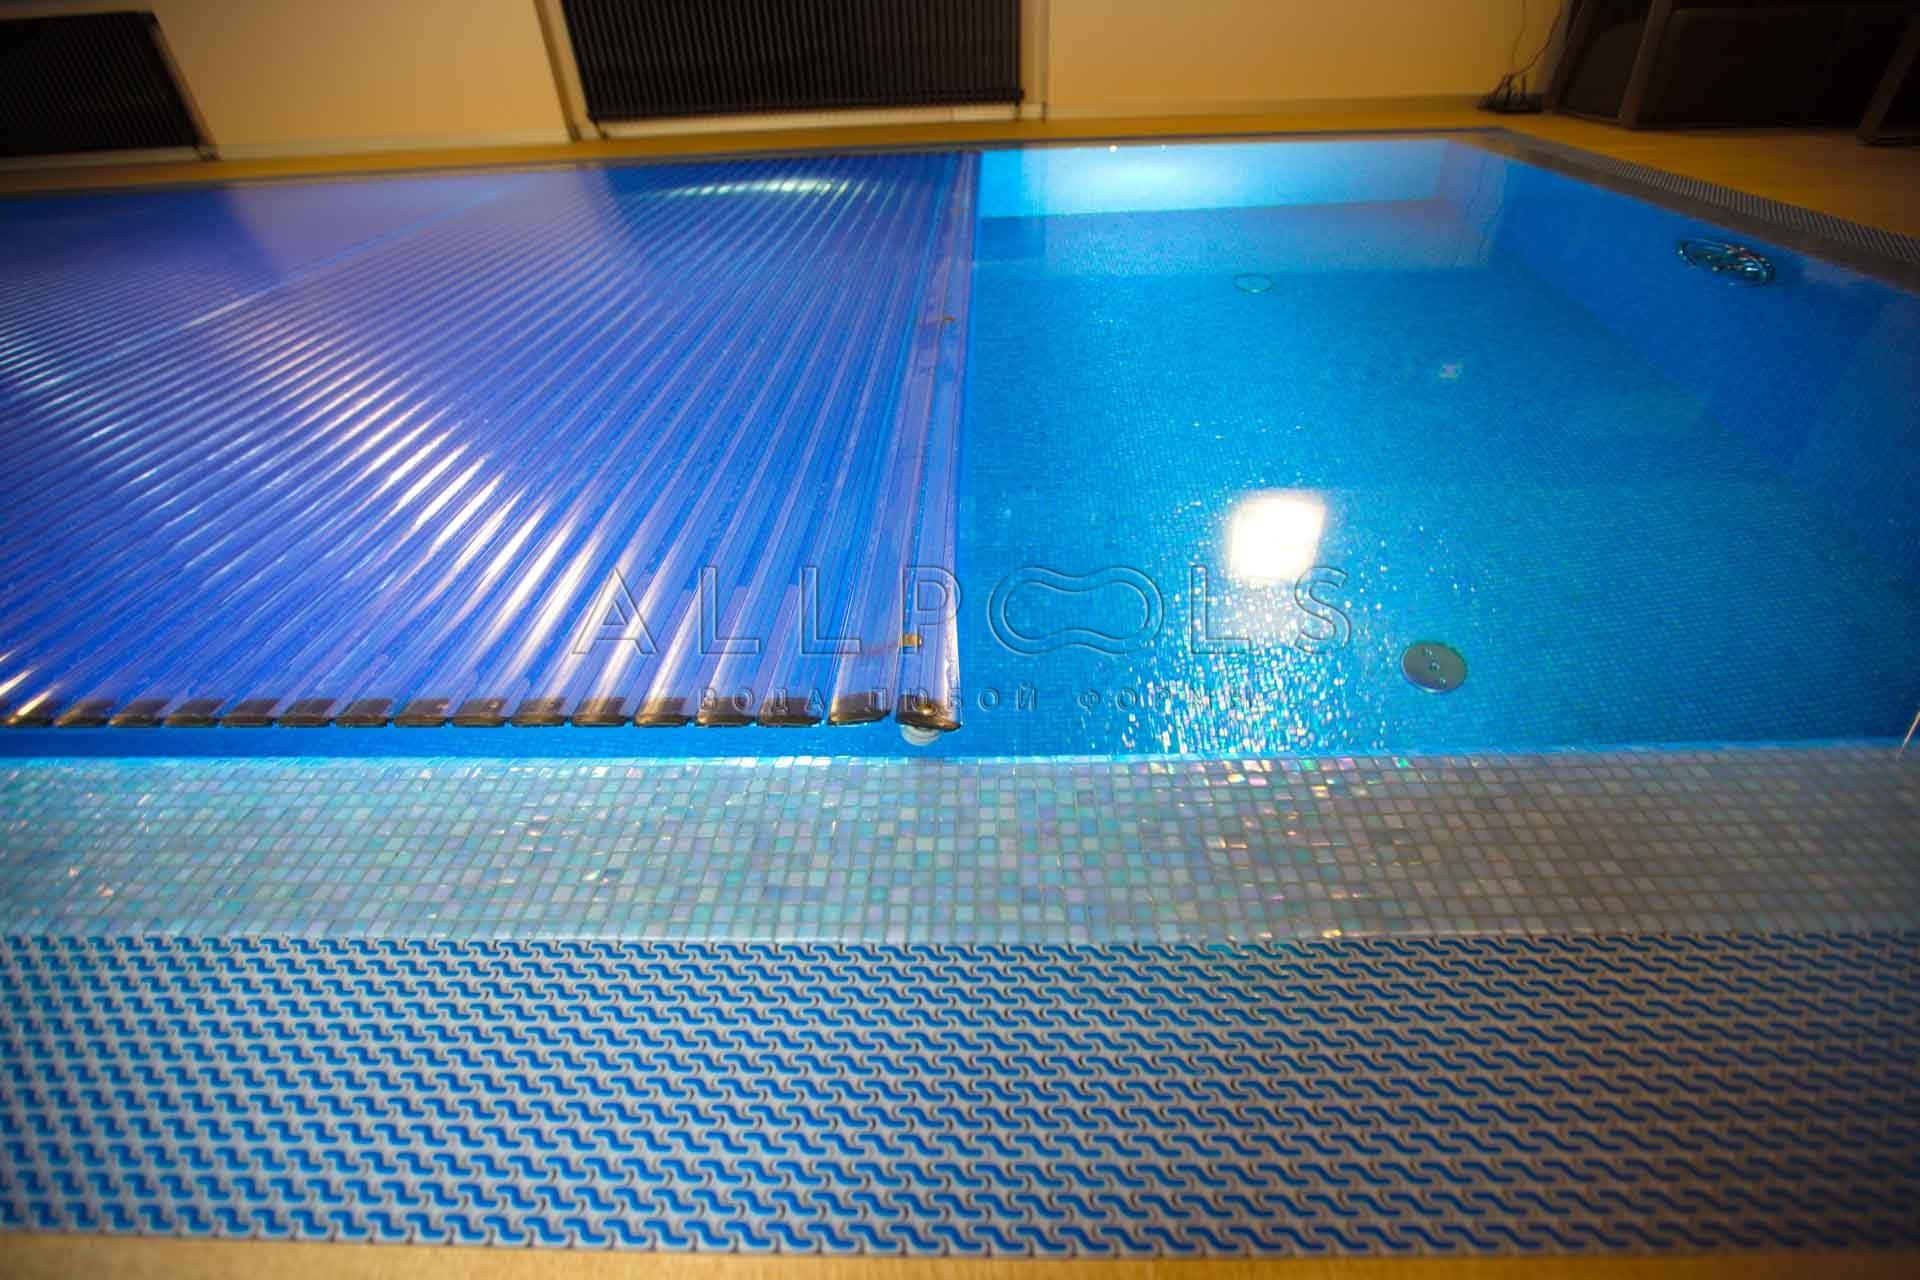 Плавающее покрытие для бассейна T&A установленное в частном бассейне